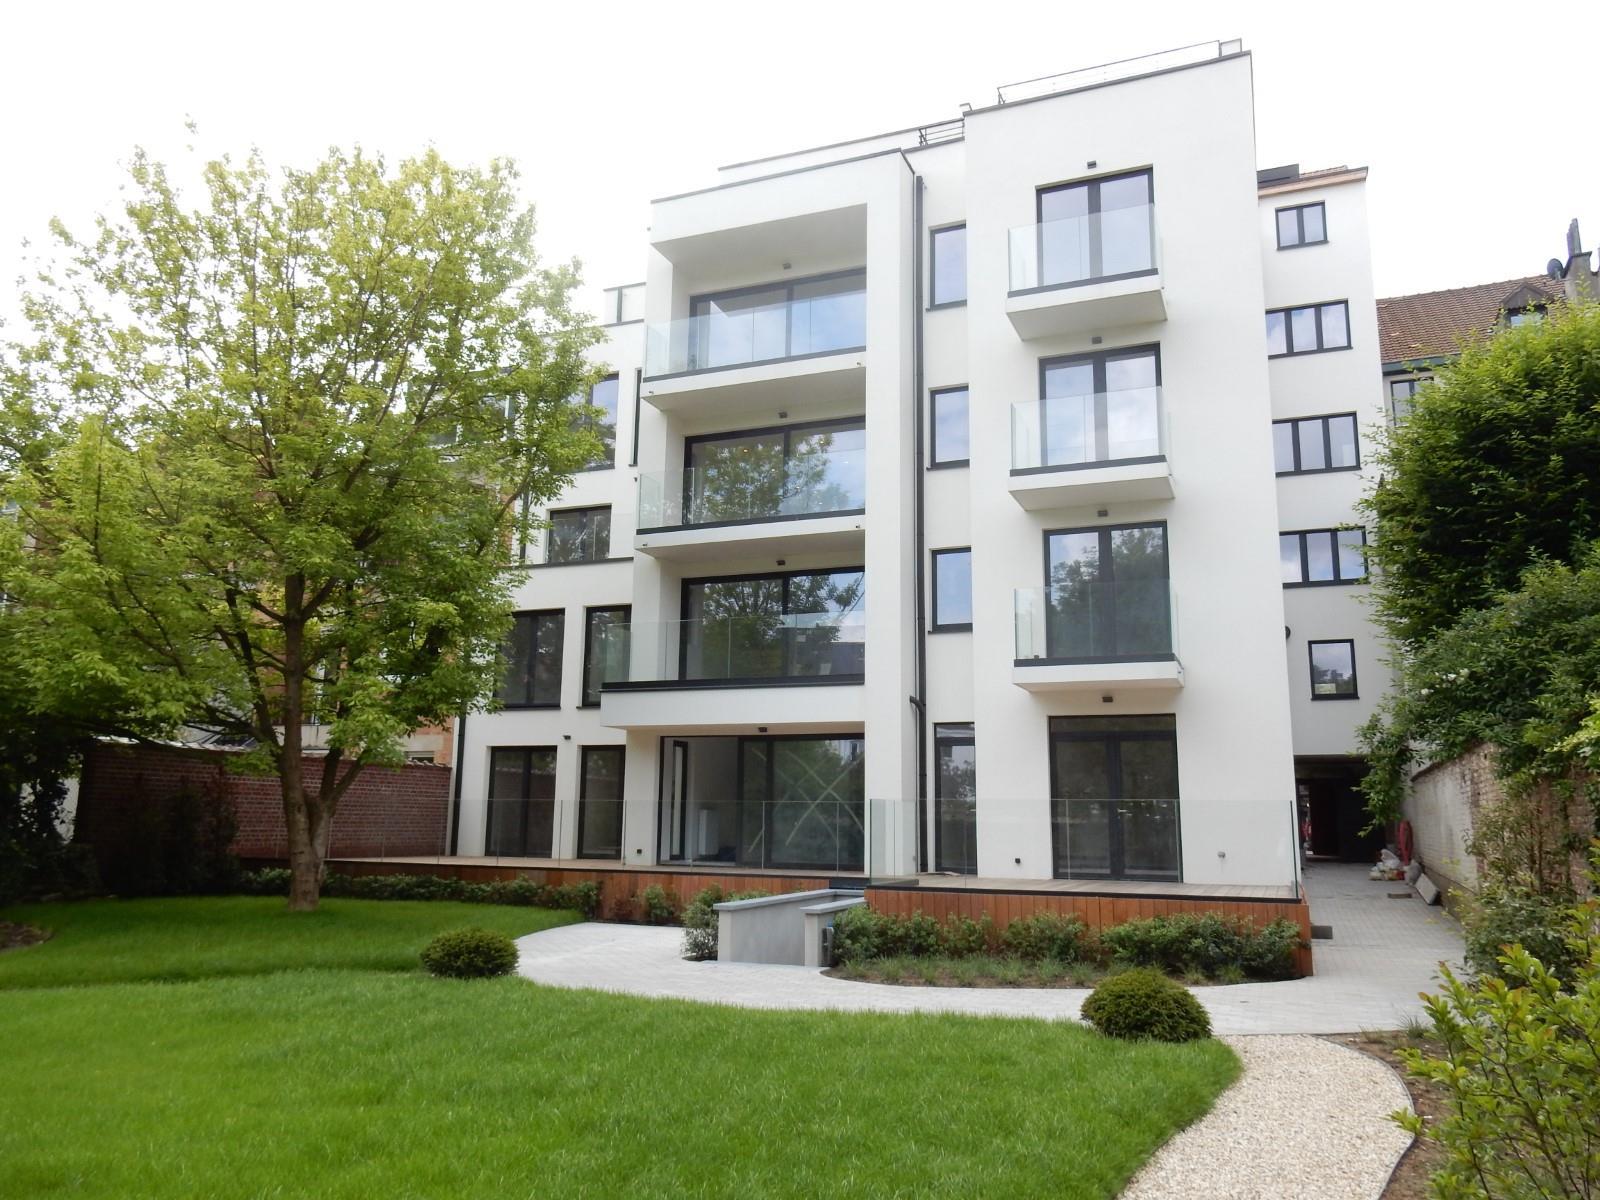 Appartement exceptionnel - Ixelles - #3929627-13